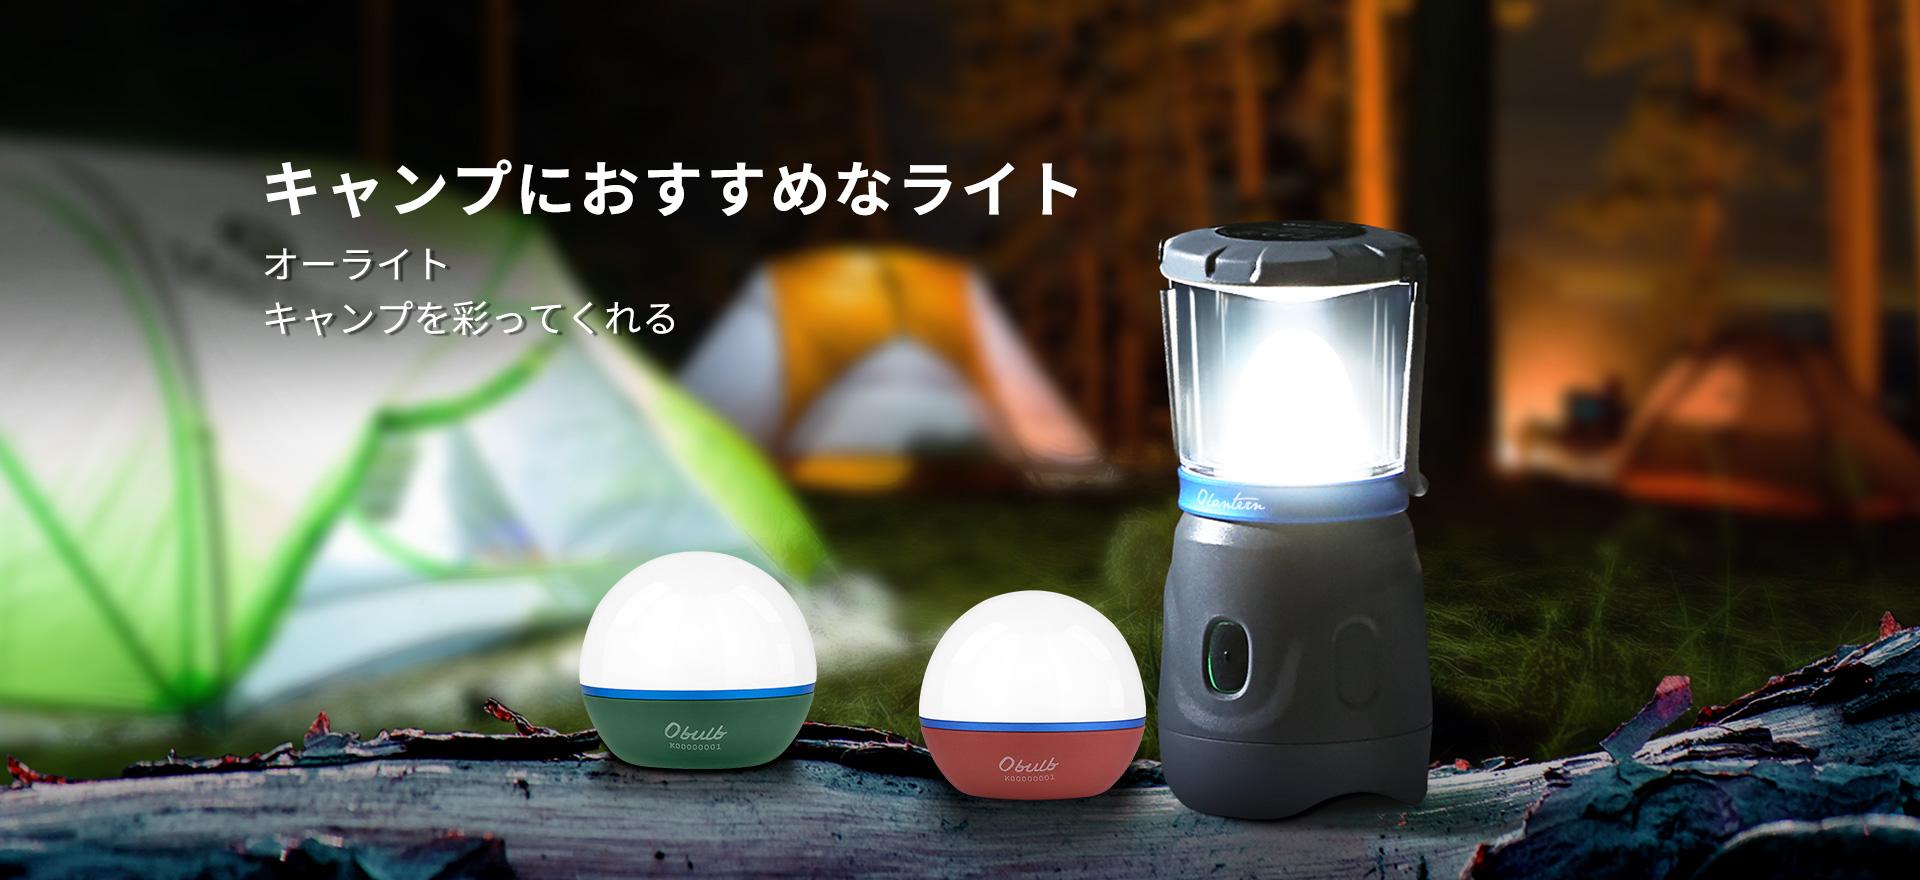 キャンプにおすすめなライト